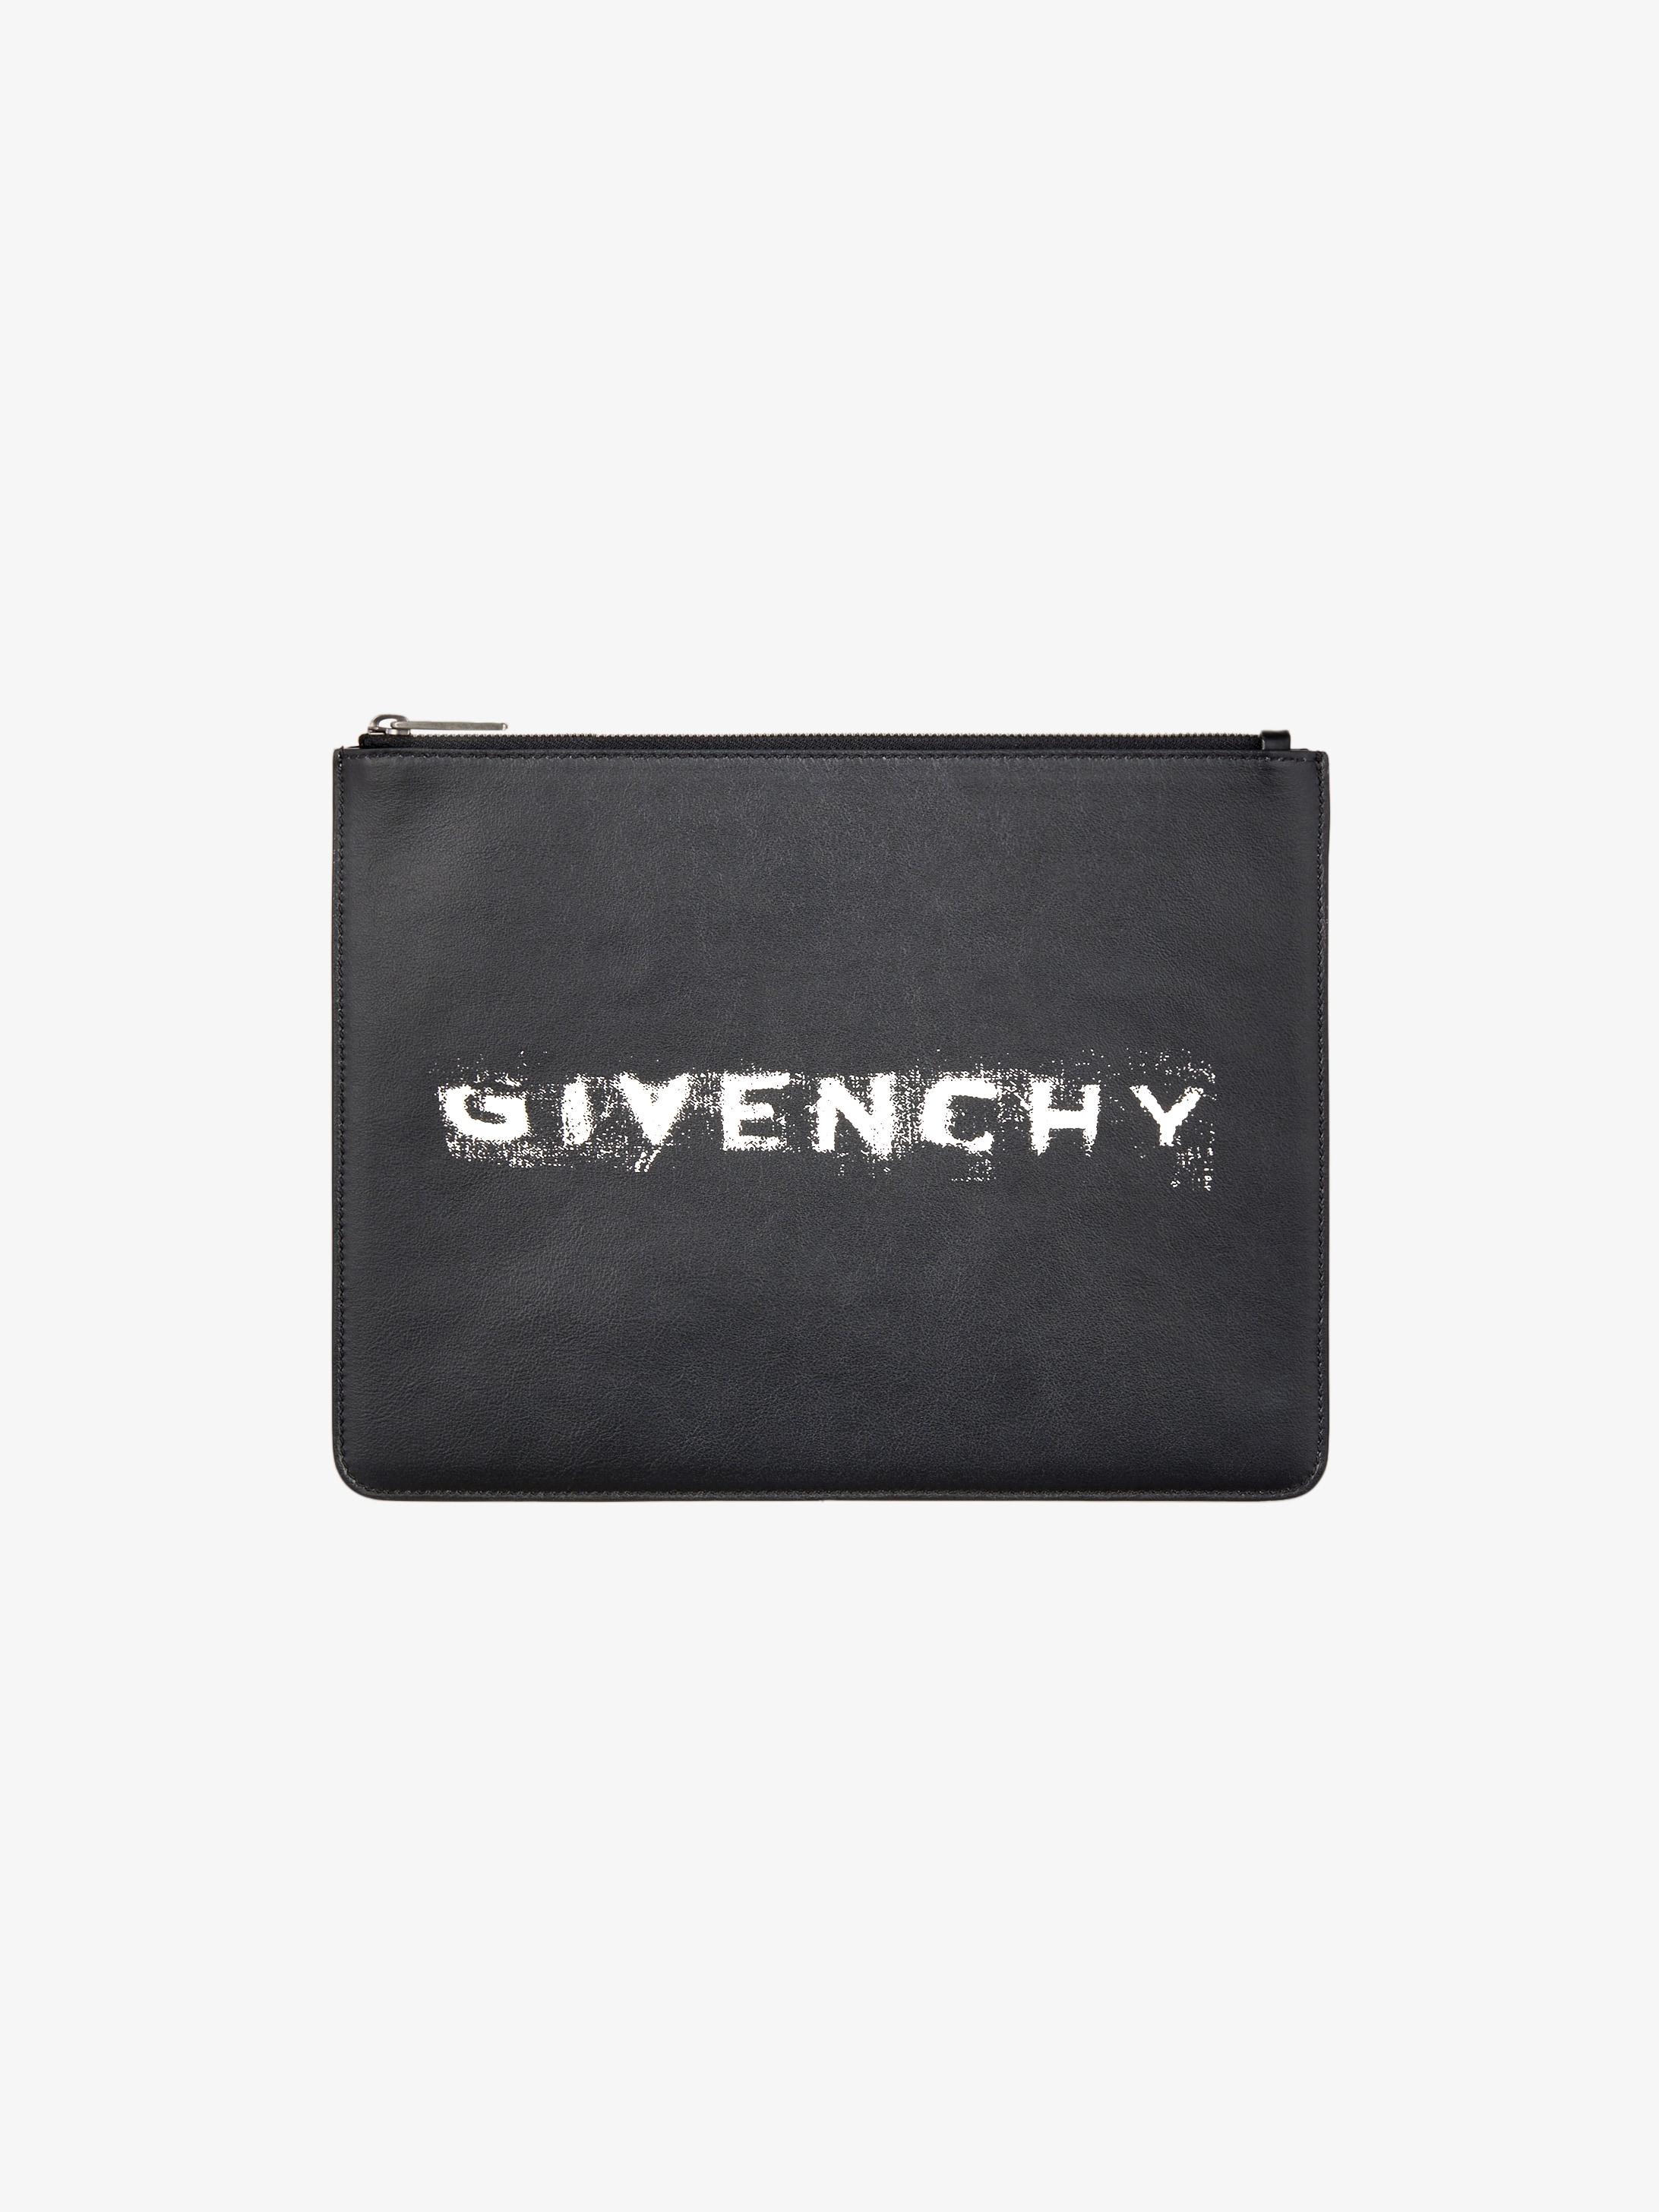 d0e8317102 Large pochette GIVENCHY en cuir | GIVENCHY Paris